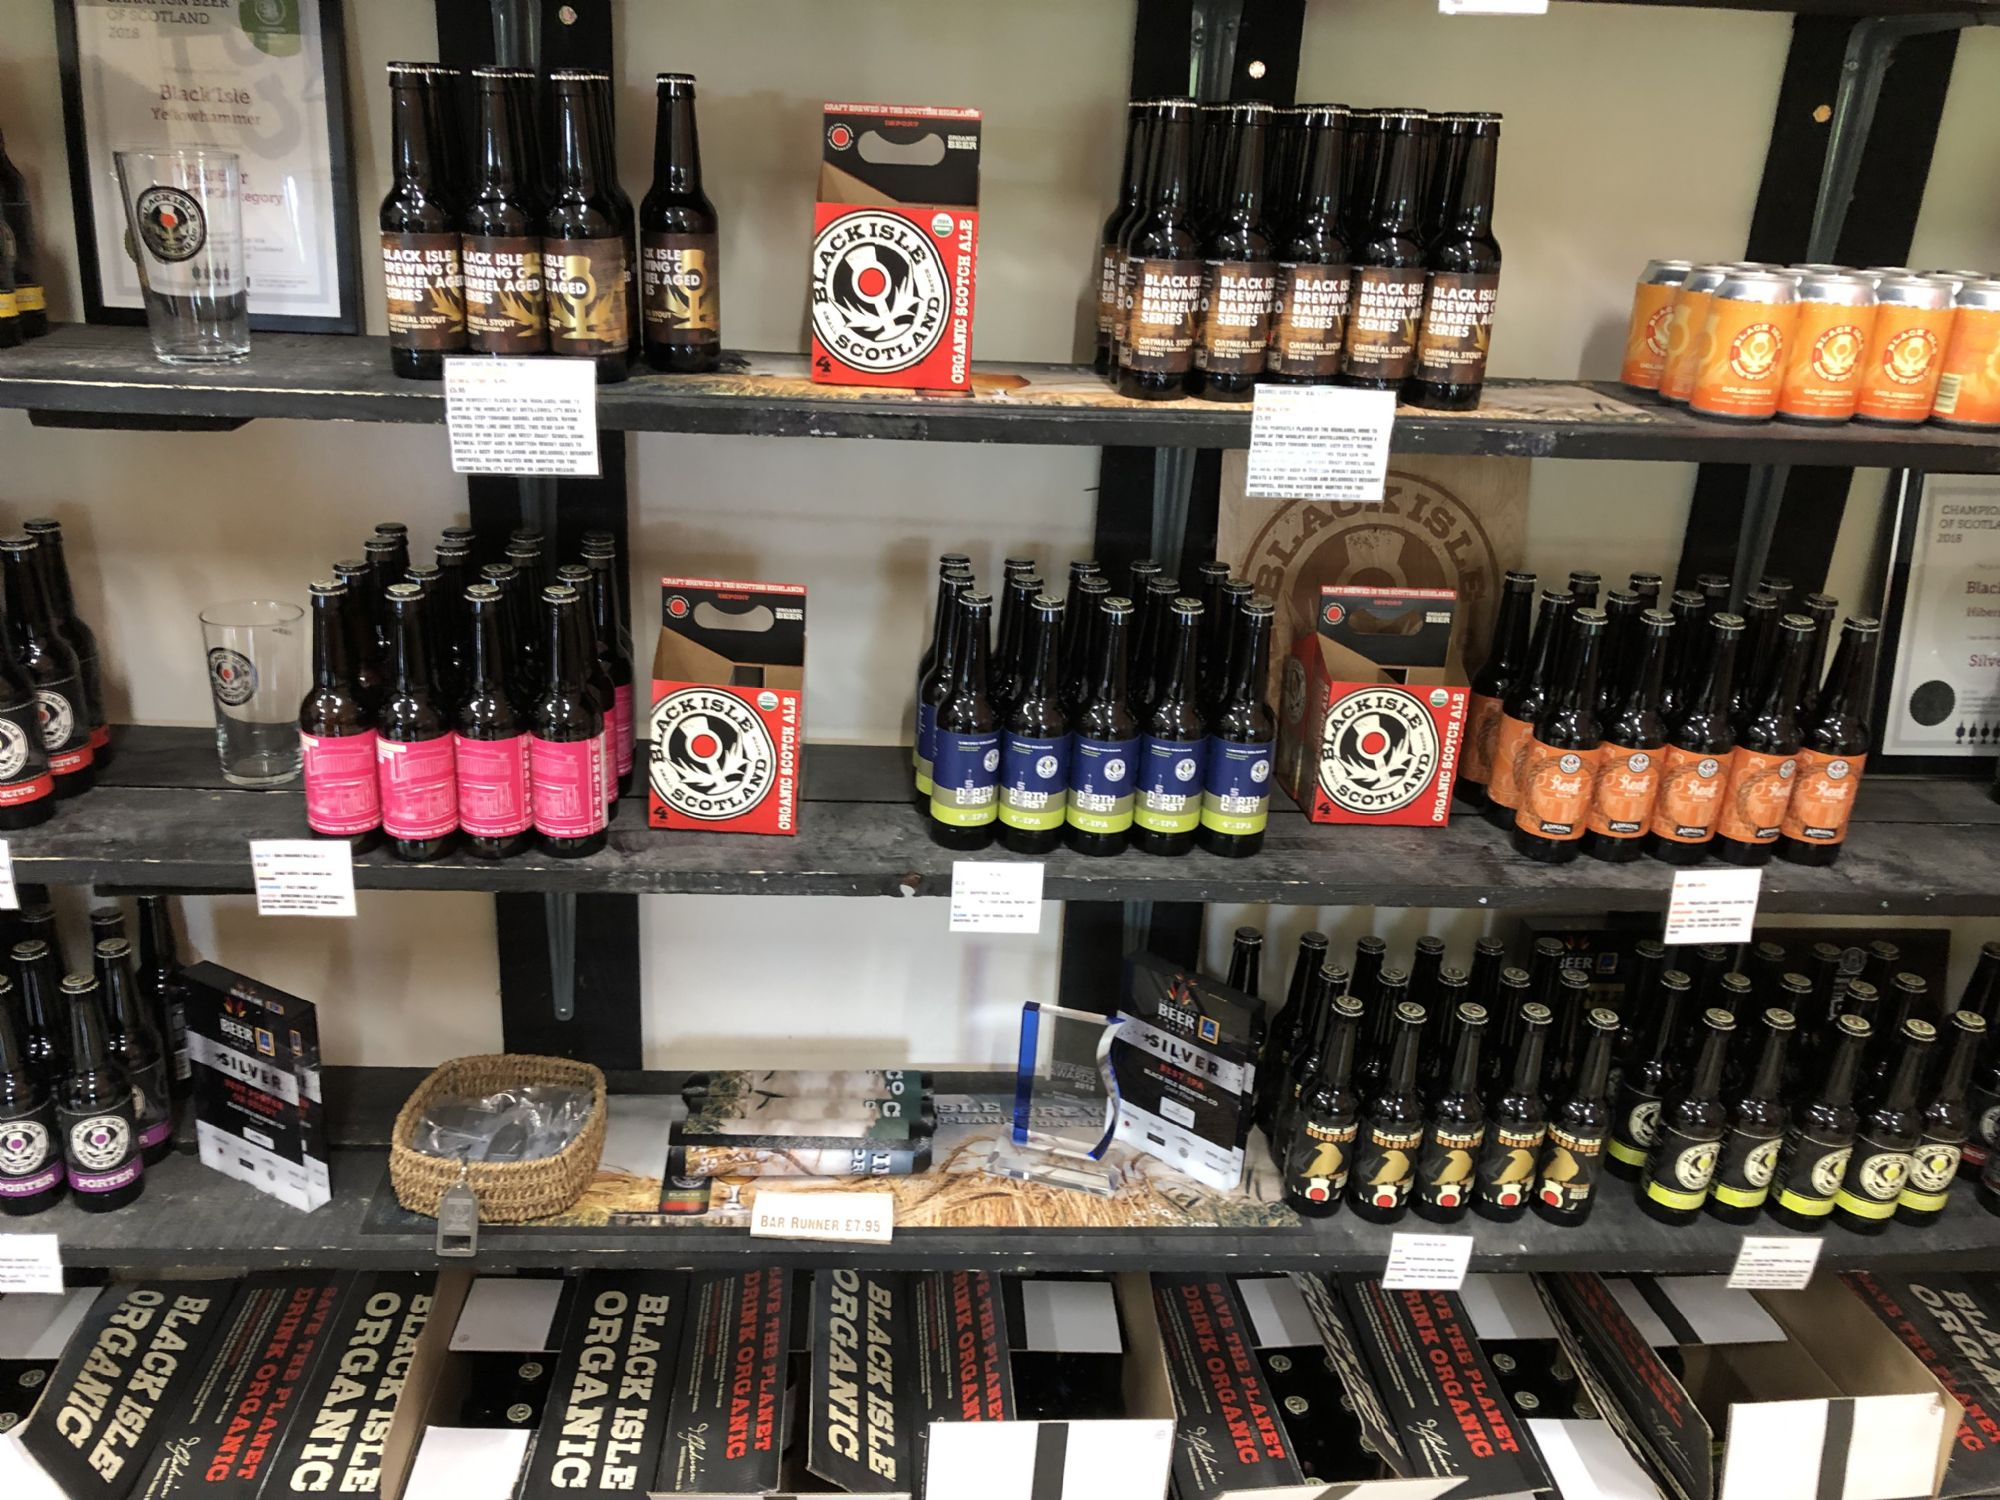 Black Isles Organic Beer